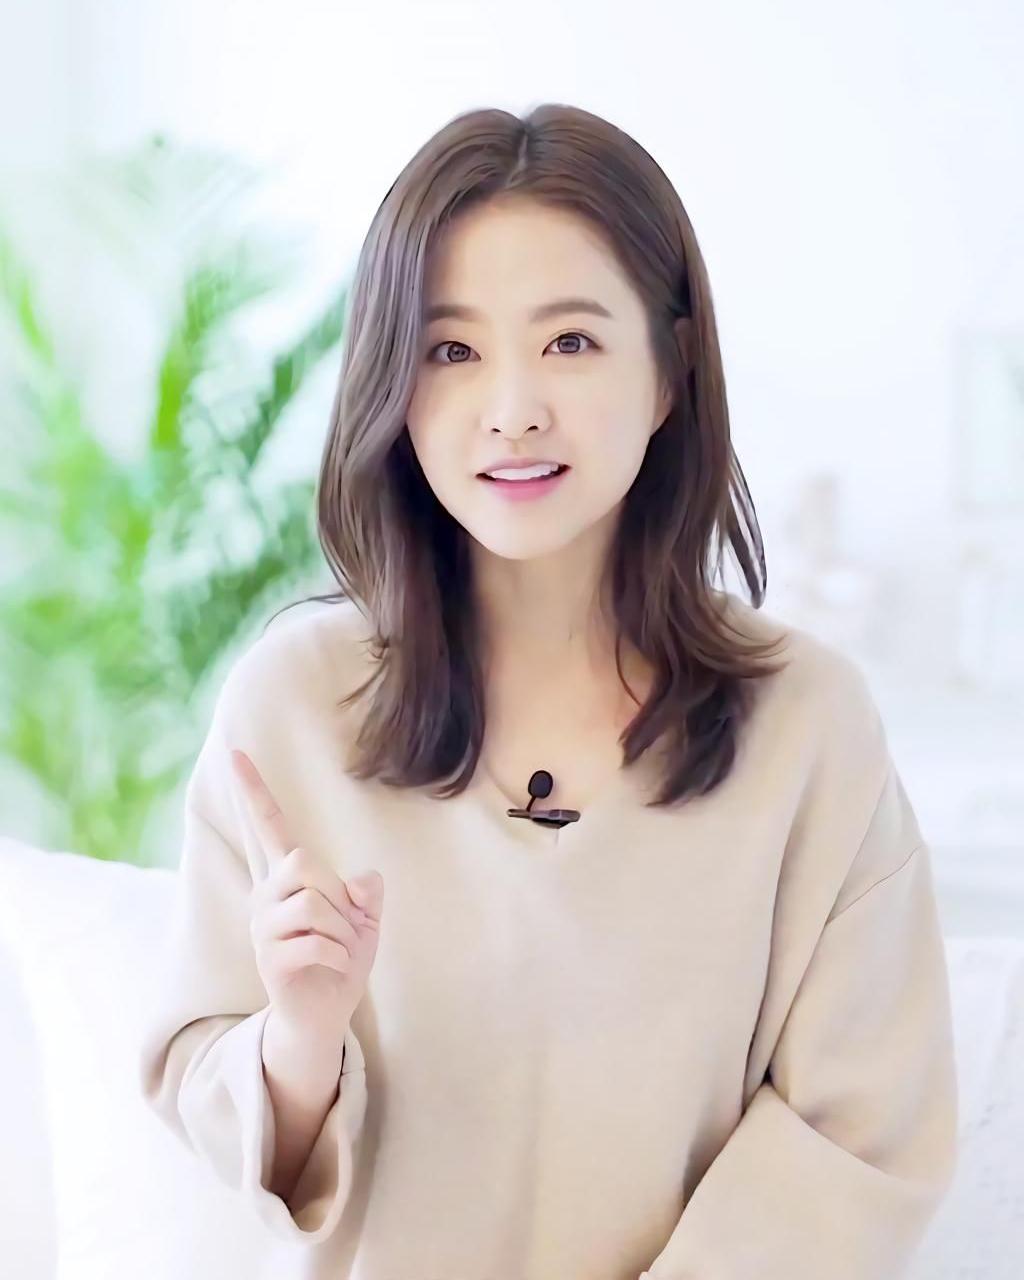 cewek manis dan seksi imut artis korea selatan